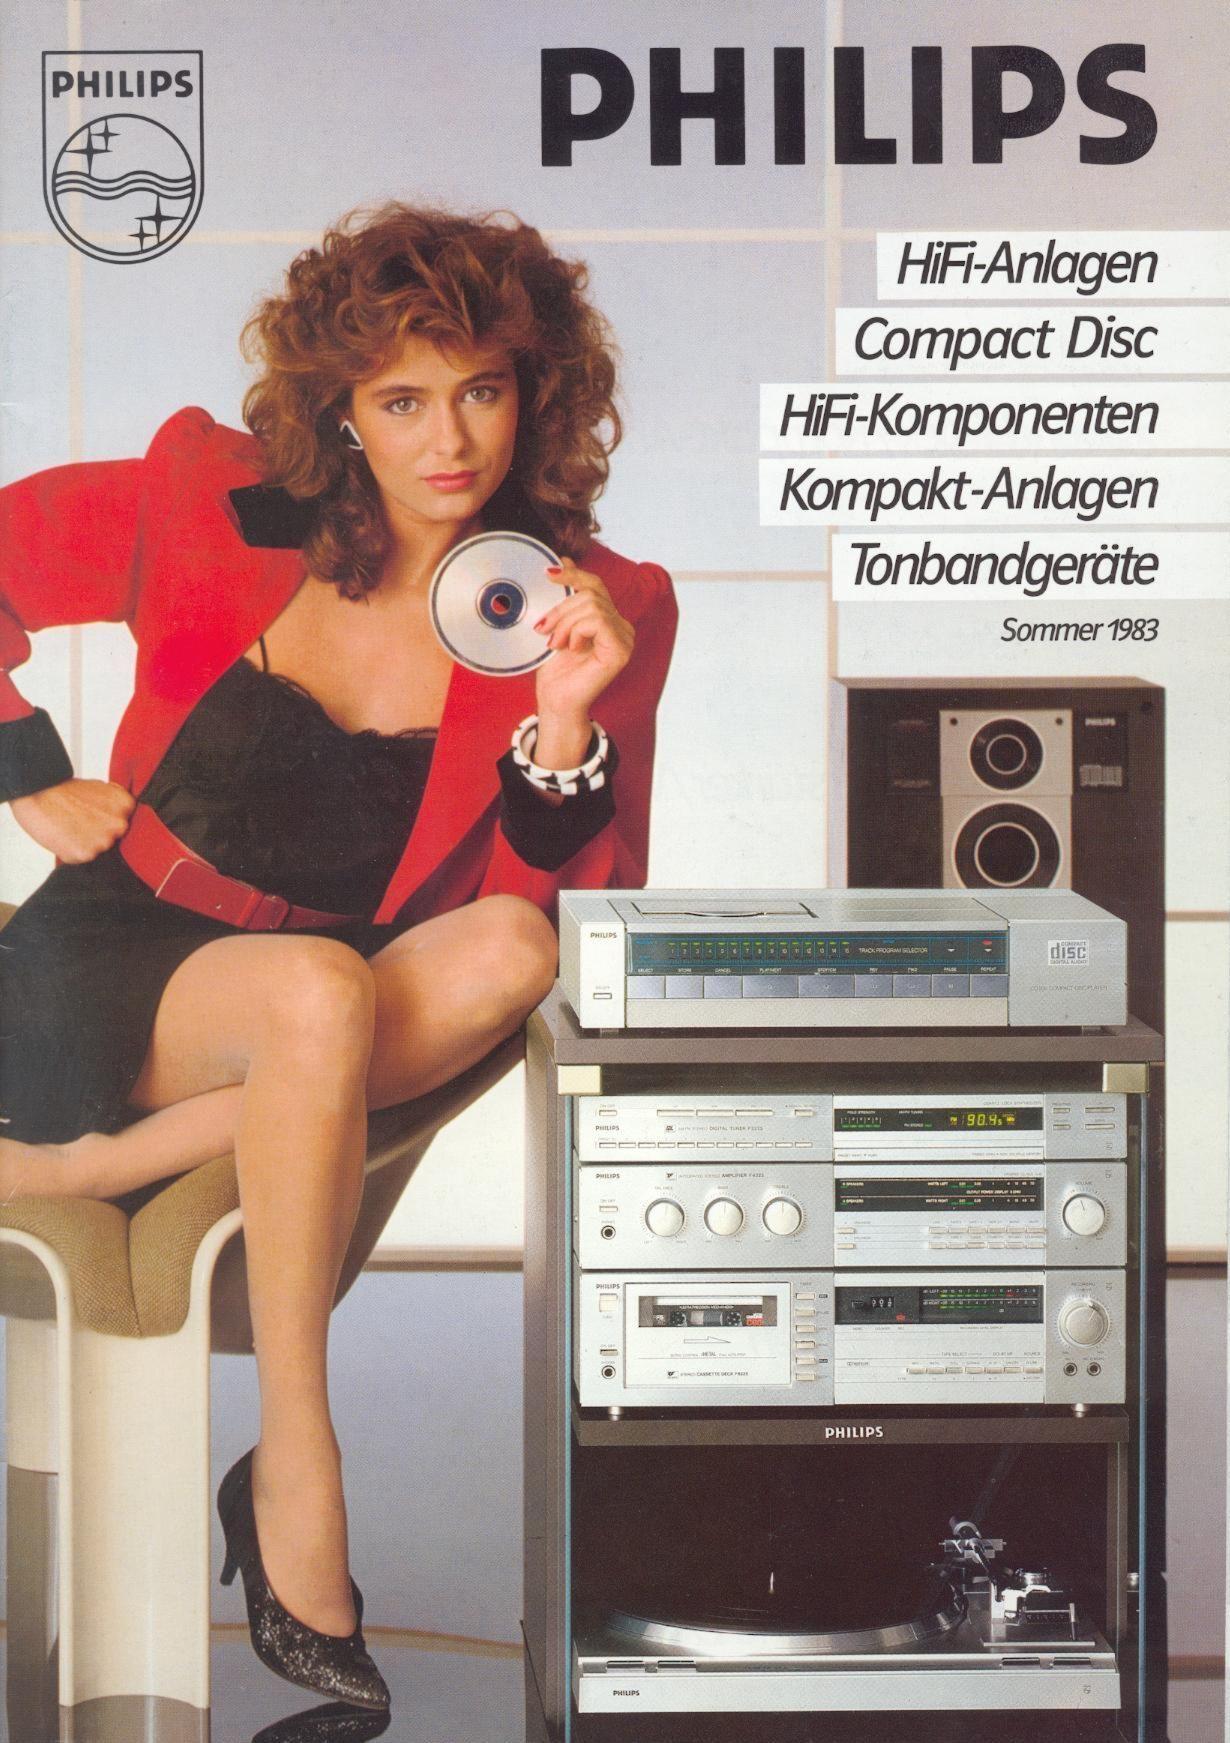 Philips Deutschland Anzeige 1983 #audiovideo